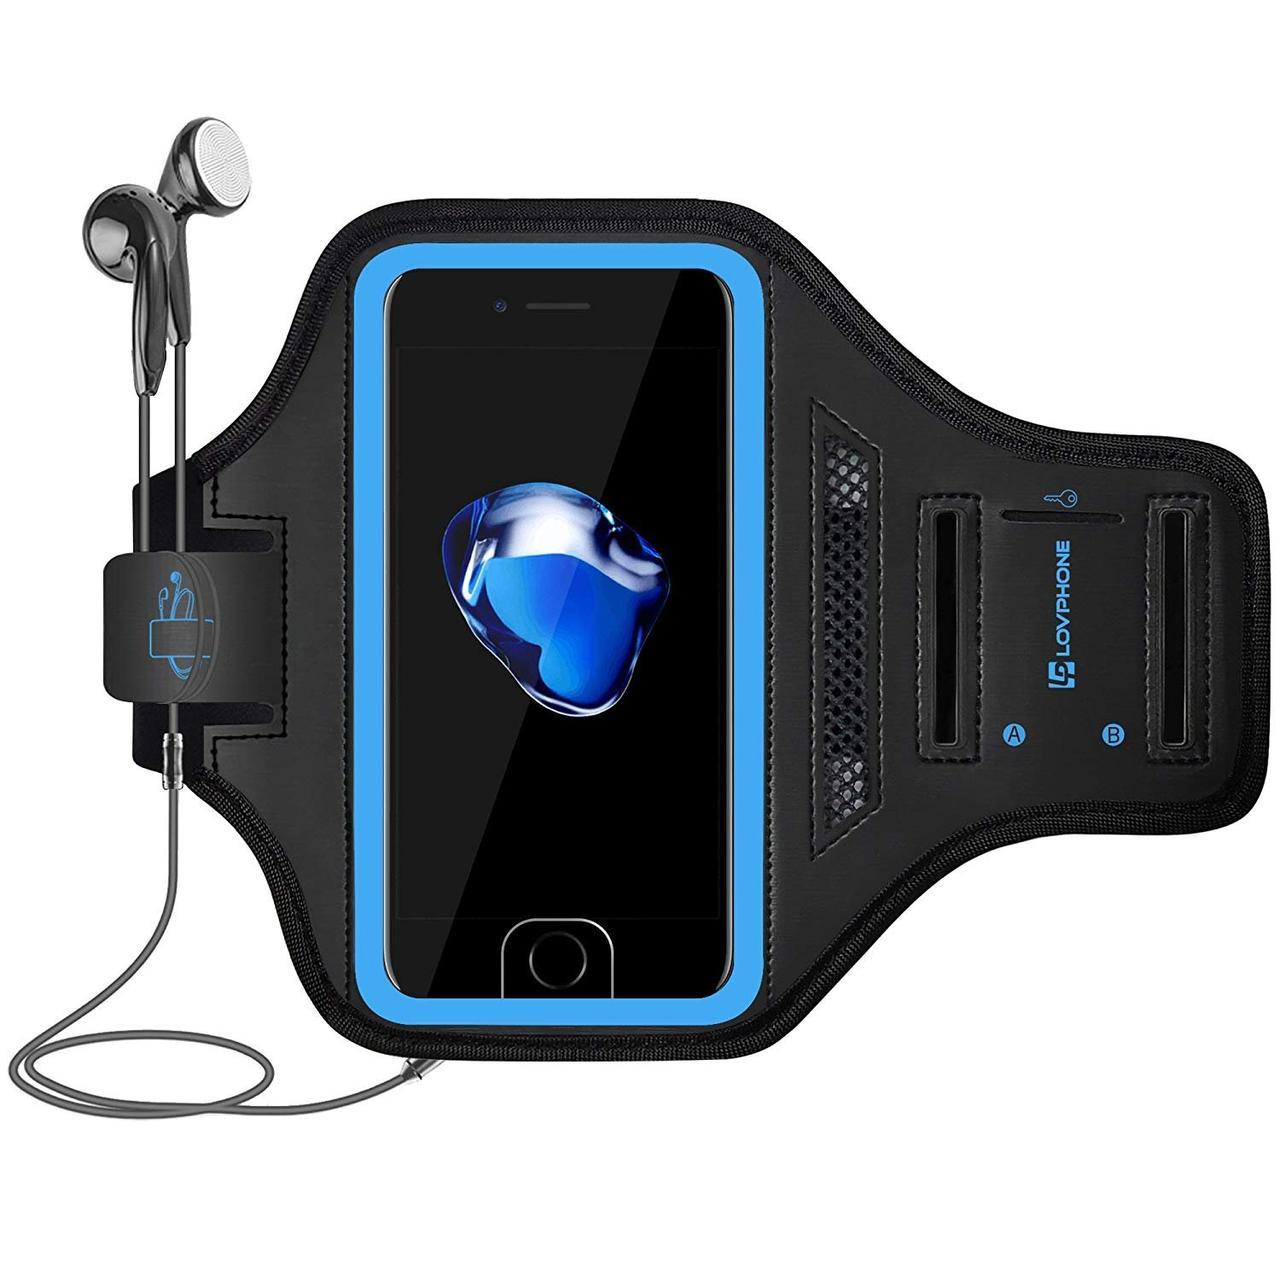 Спортивный чехол LOVPHONE для iPhone 7/8 Plus влагостойкий  светоотражающий голубой